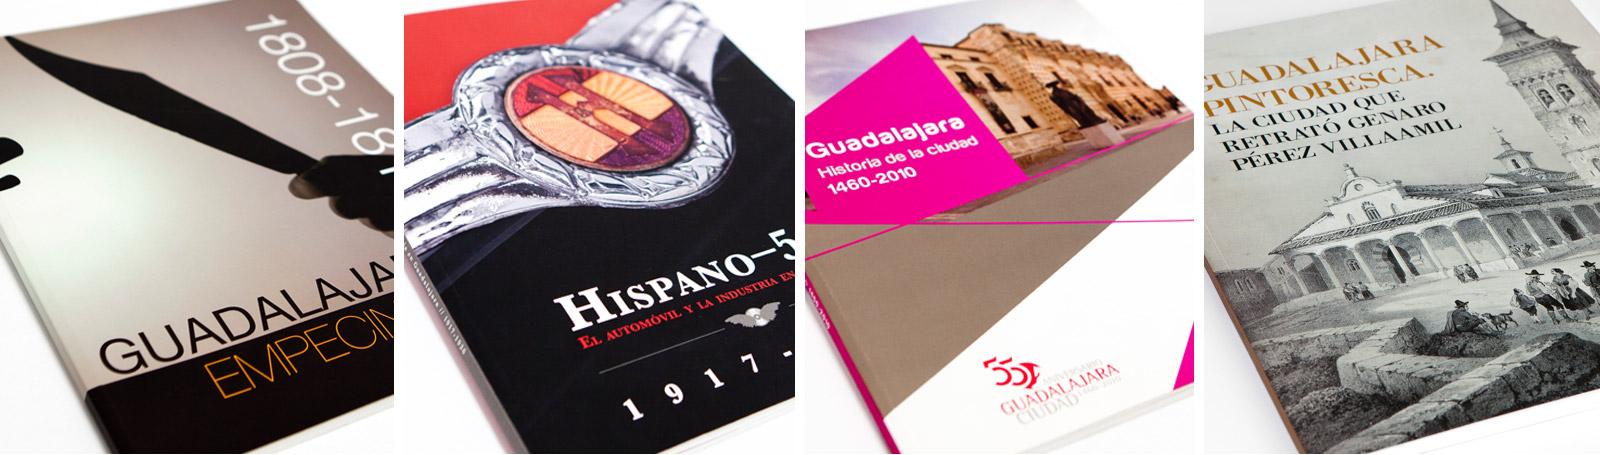 Colección Memoria gráfica de Guadalajara